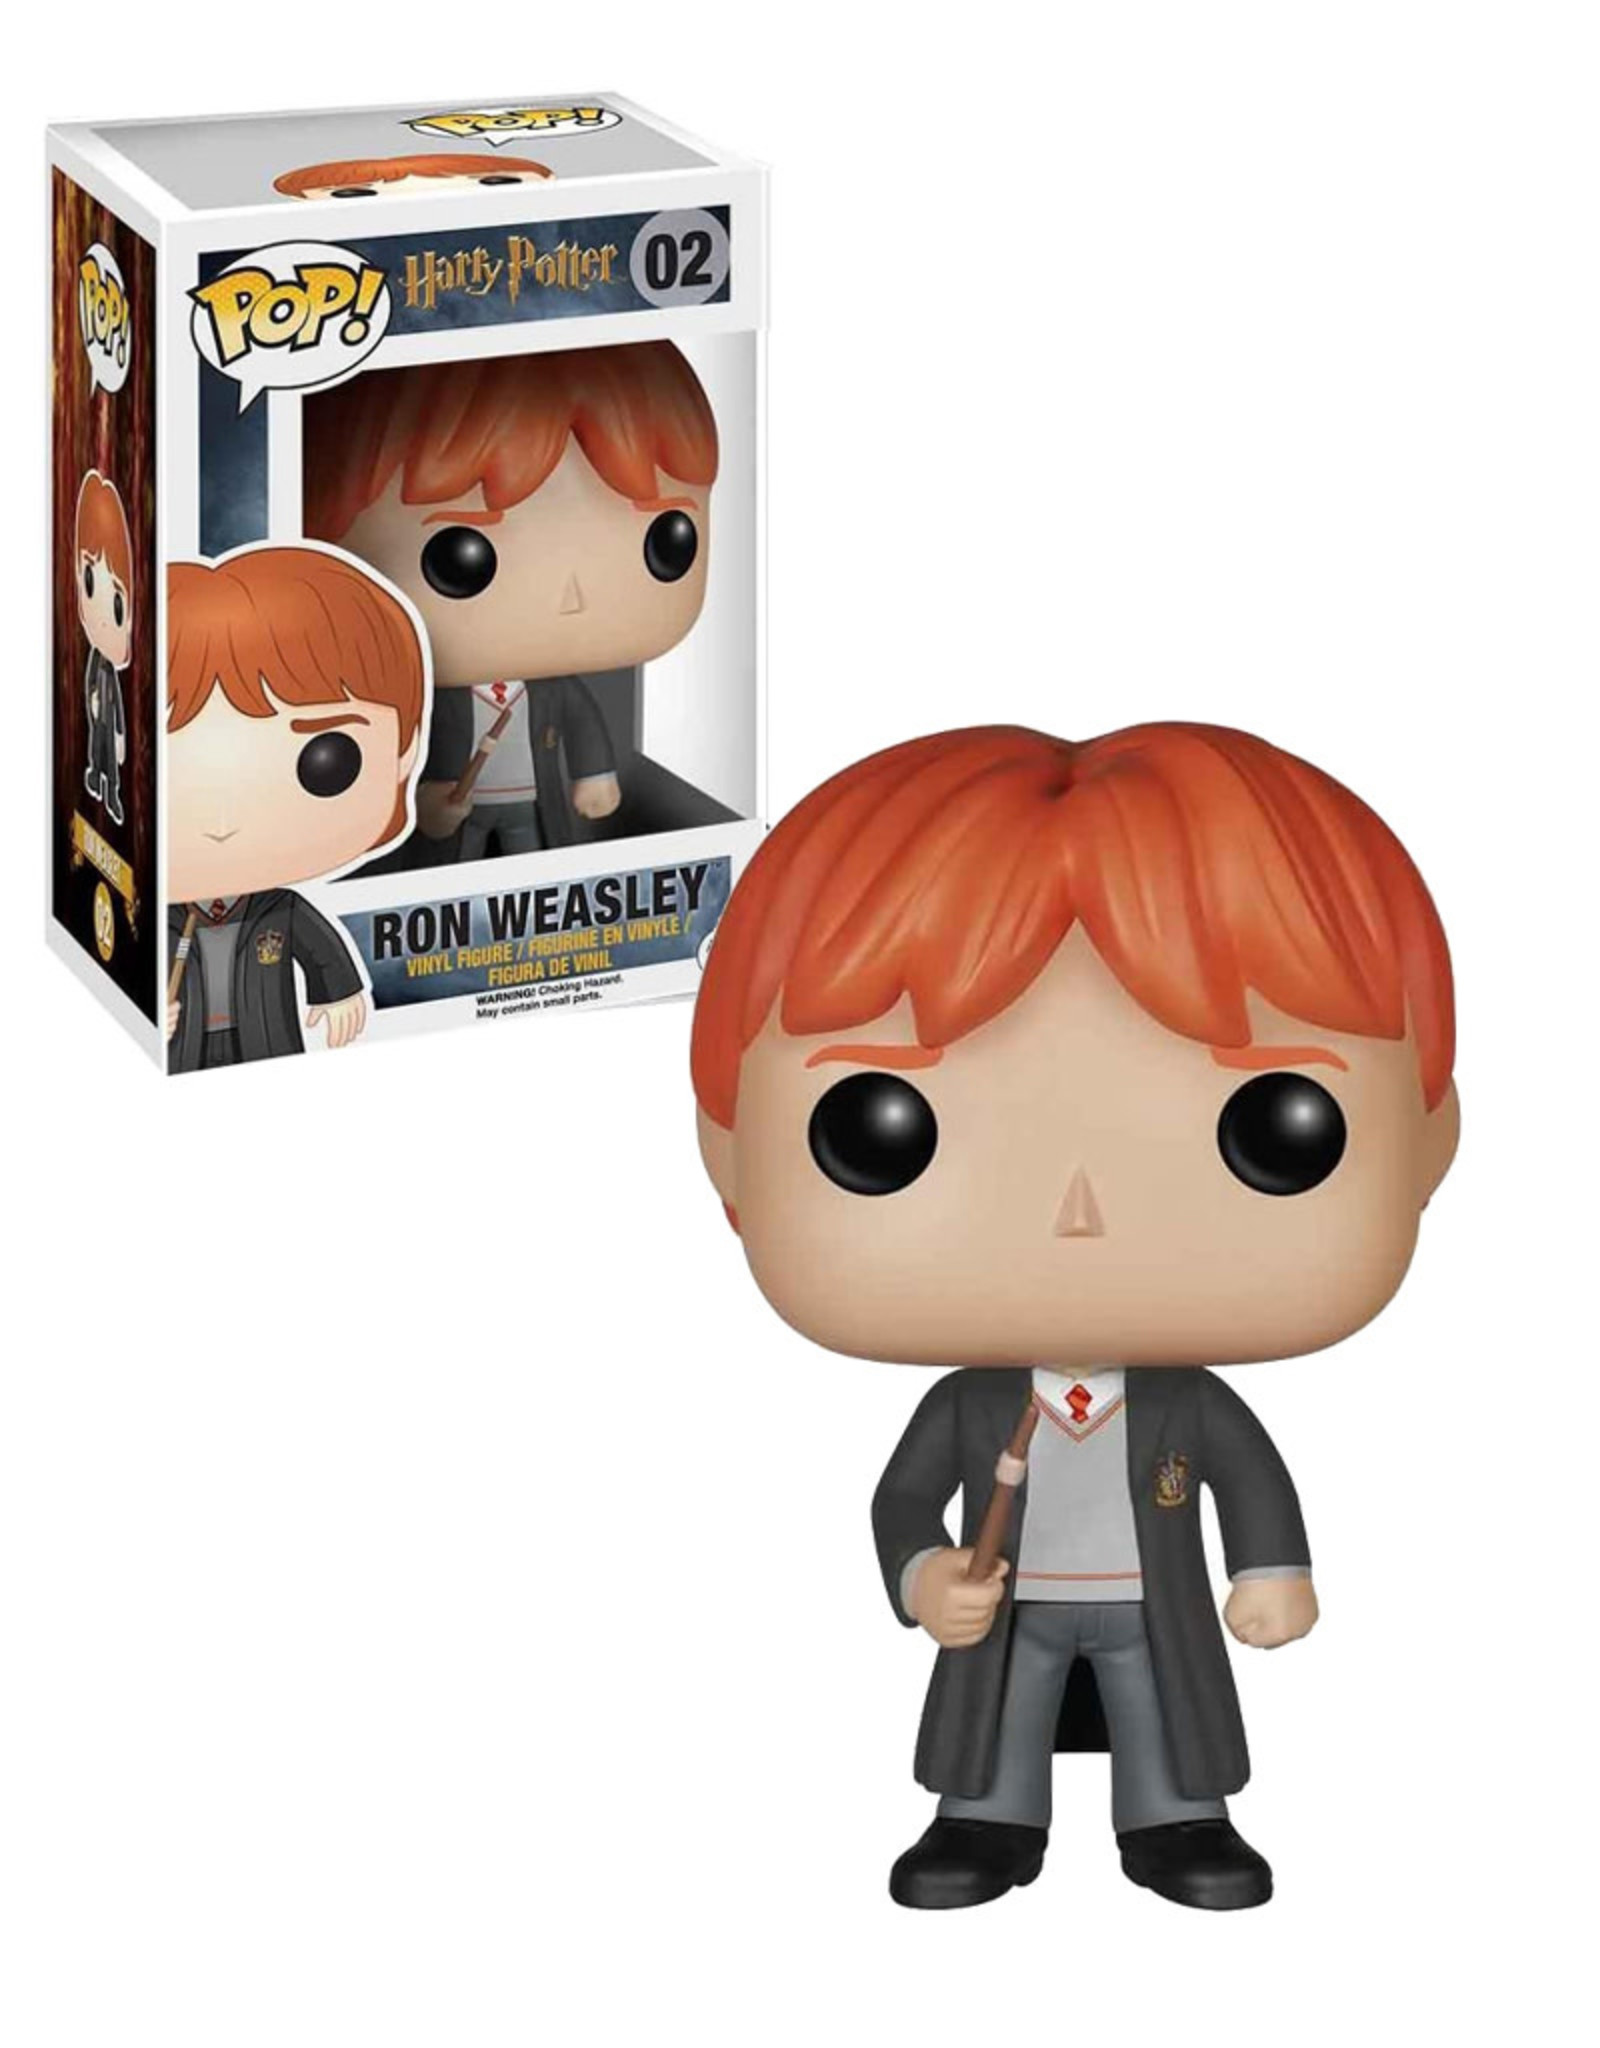 Harry Potter Harry Potter ( Funko Pop ) Ron Weasley 02